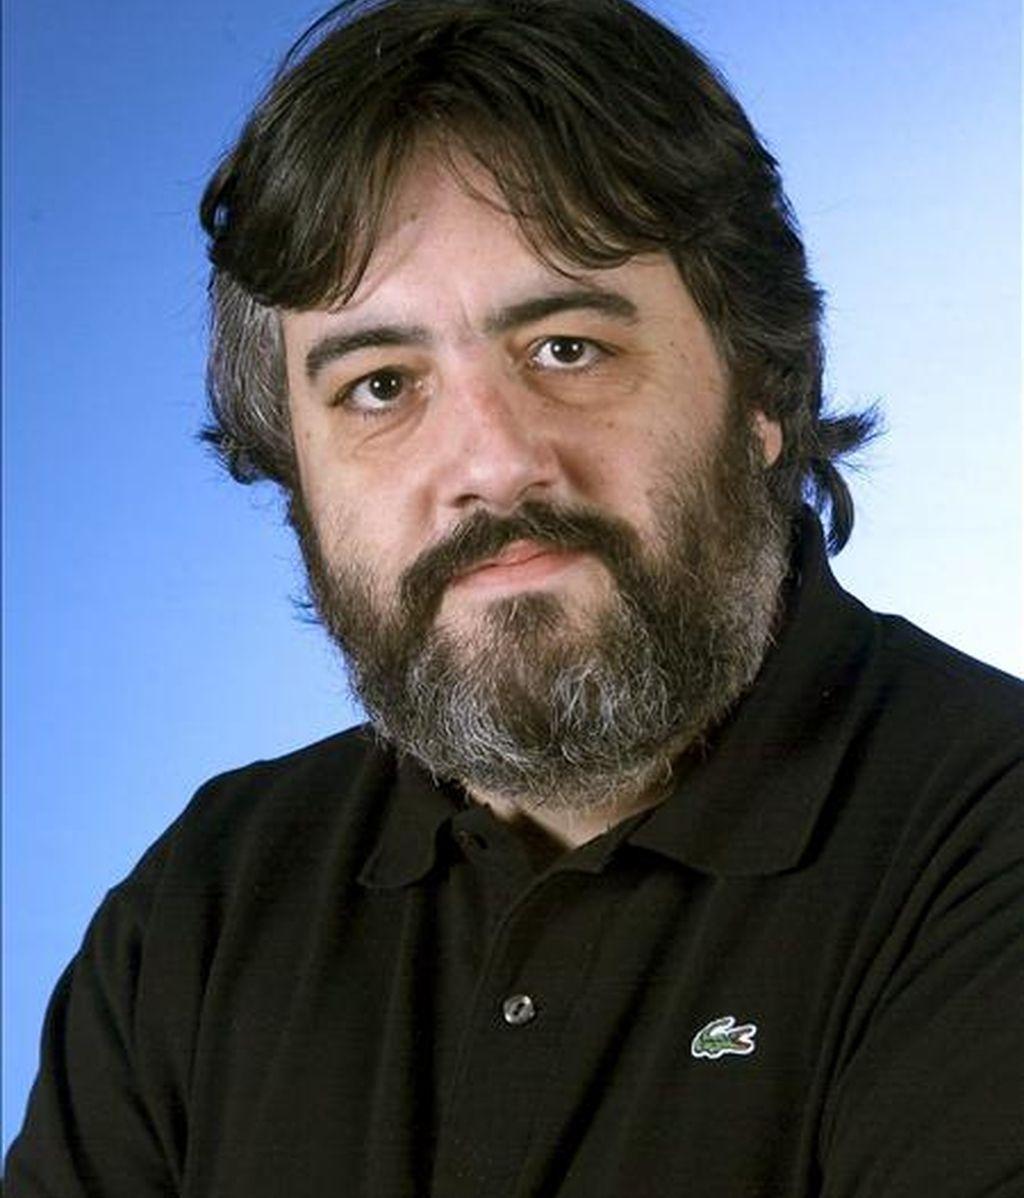 Foto de archivo (sin fecha) facilitada por Gestión Musical Lueno del pianista Diego Fernández Magdaleno, que ha obtenido el Premio Nacional de Música 2010 en la modalidad de Interpretación, que concede el Ministerio de Cultura y que está dotado con 30.000. EFE